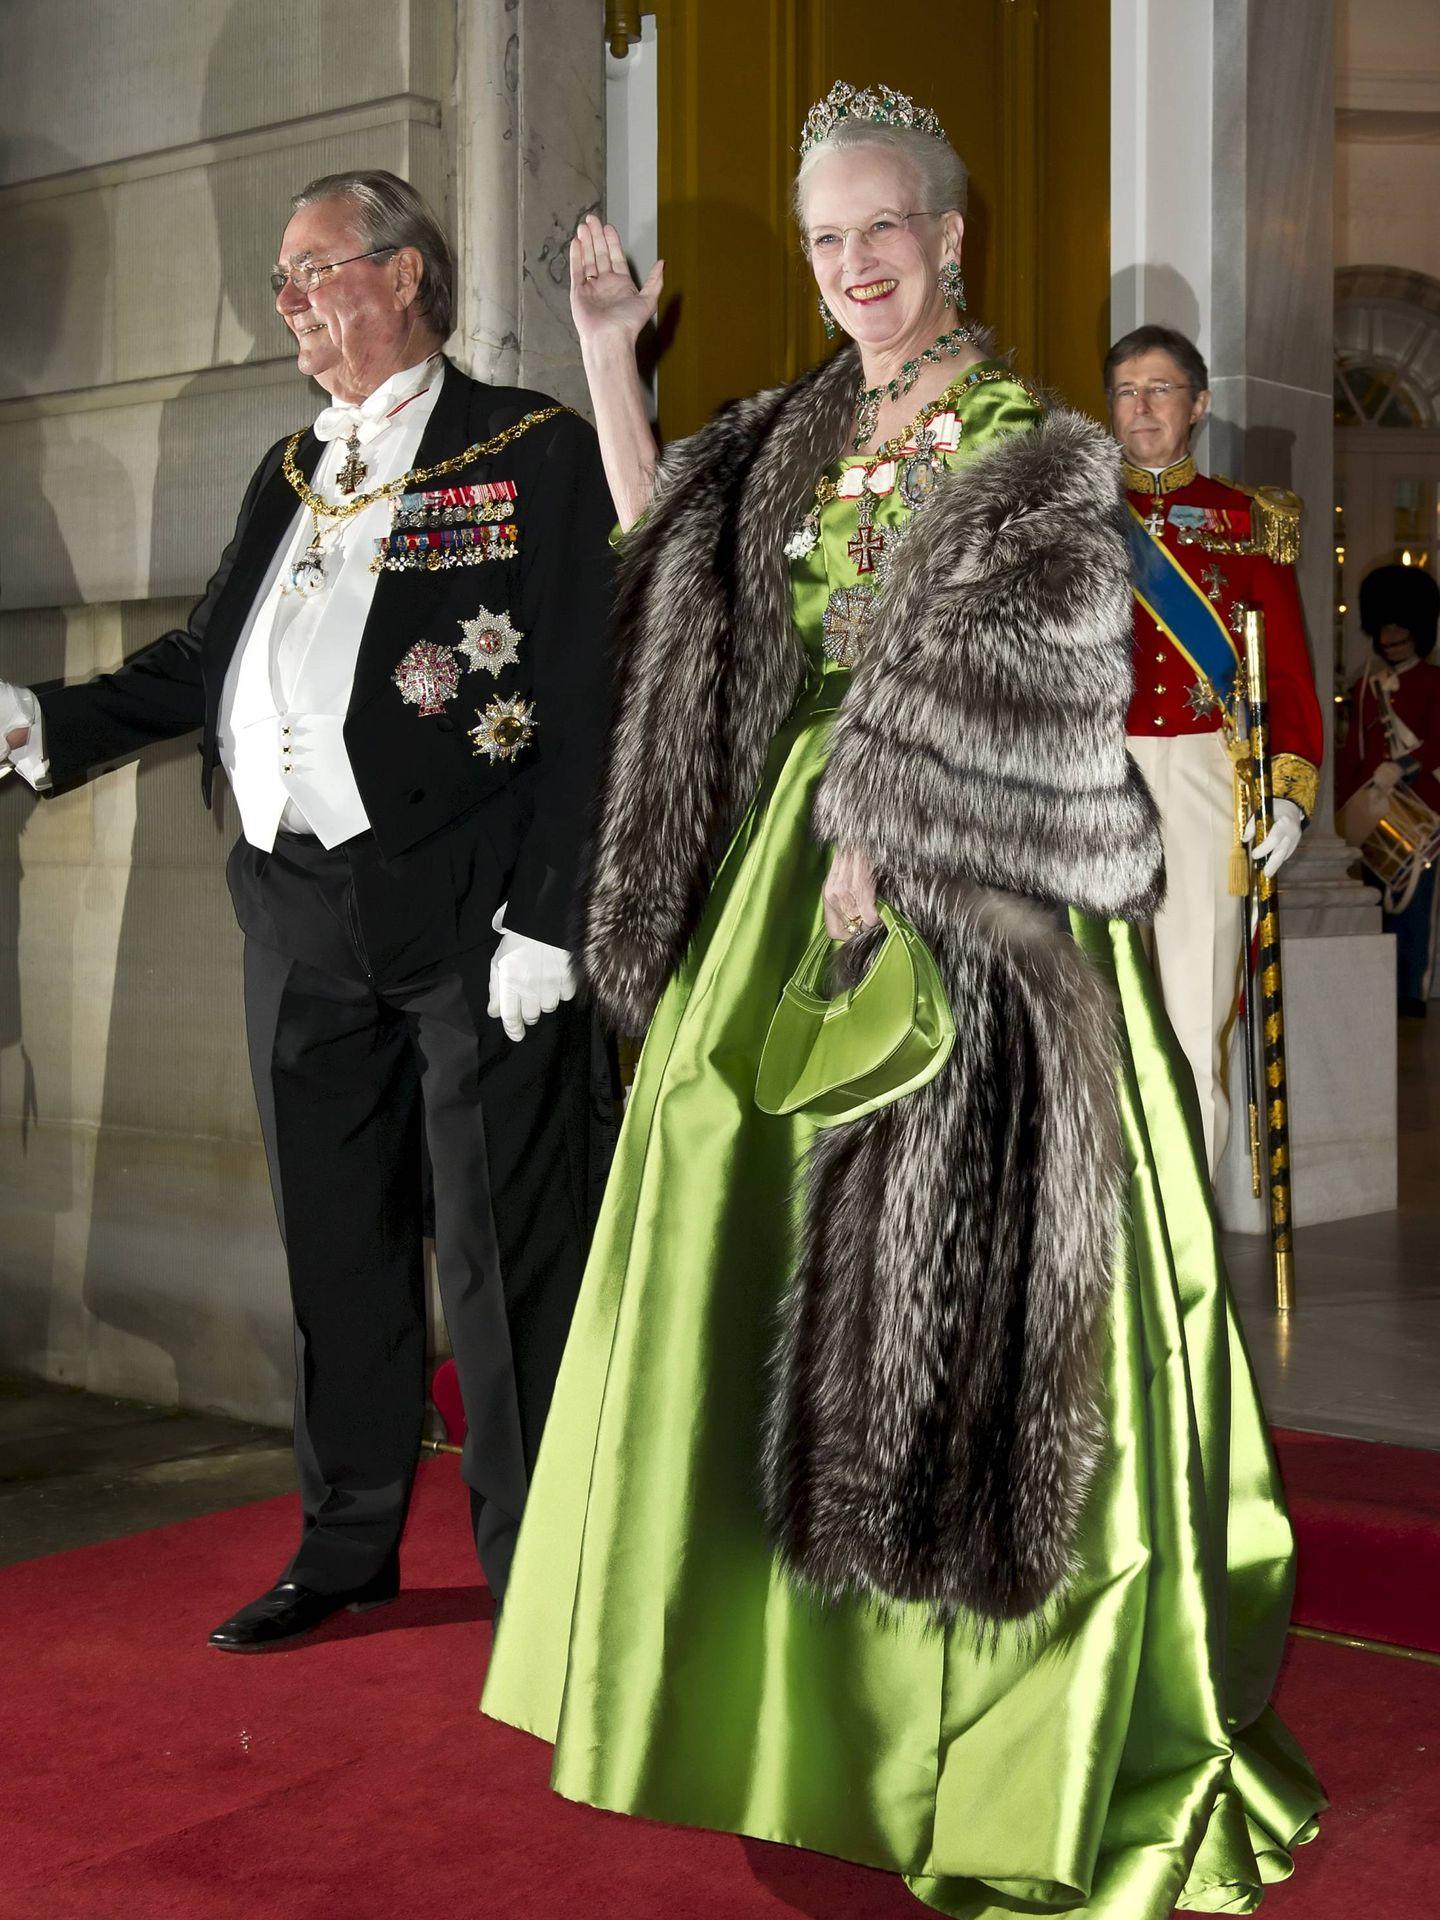 La reina Margarita y el príncipe Henrik, en la gala de Año Nuevo de 2001. (Cordon Press)